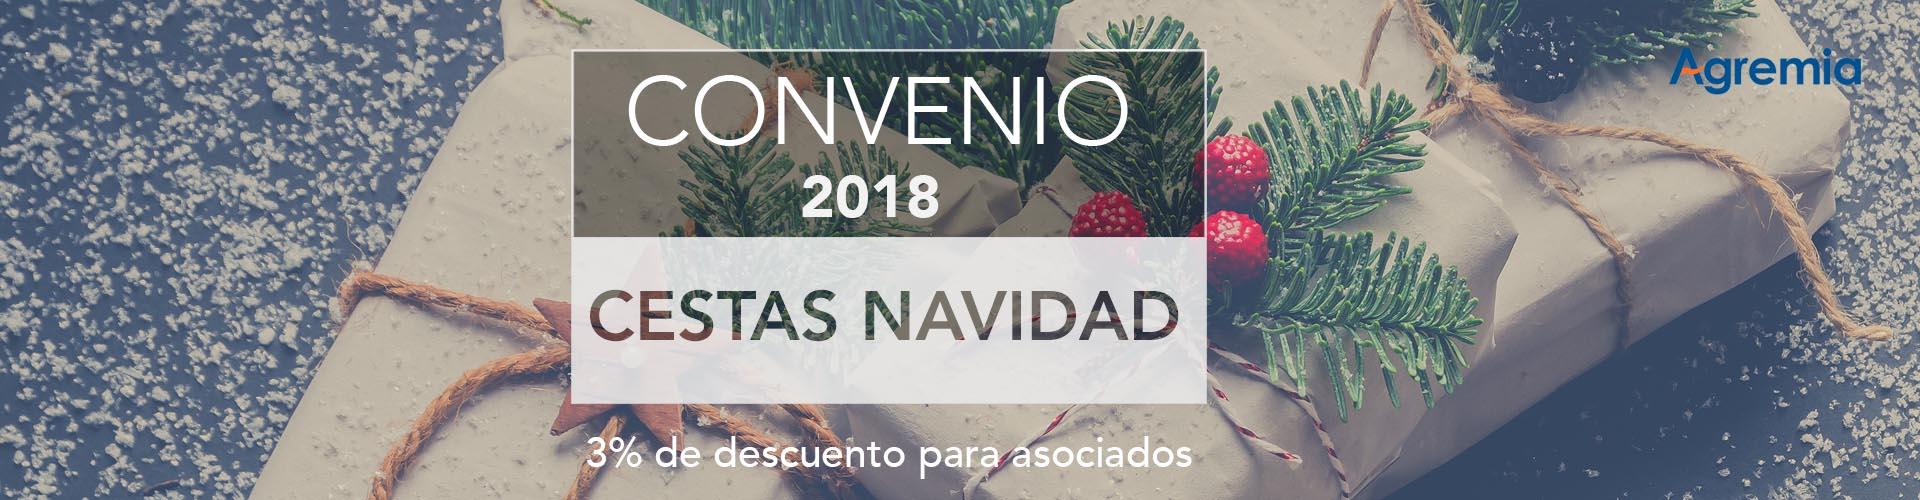 Convenio CESTAS Navidad 2018